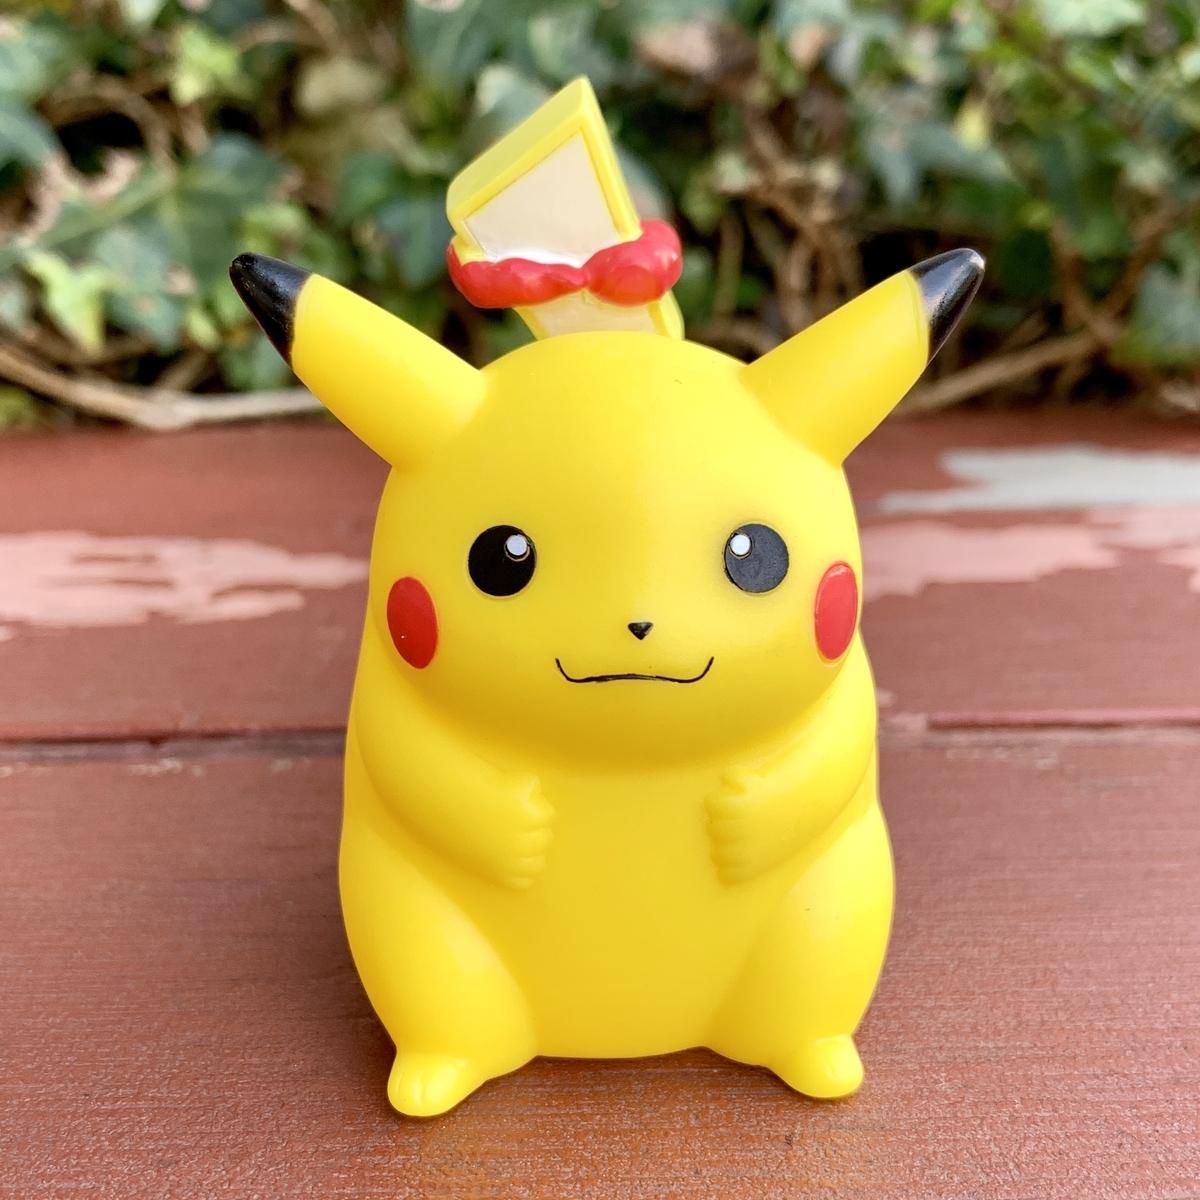 f:id:pikachu_pcn:20201115170420j:plain